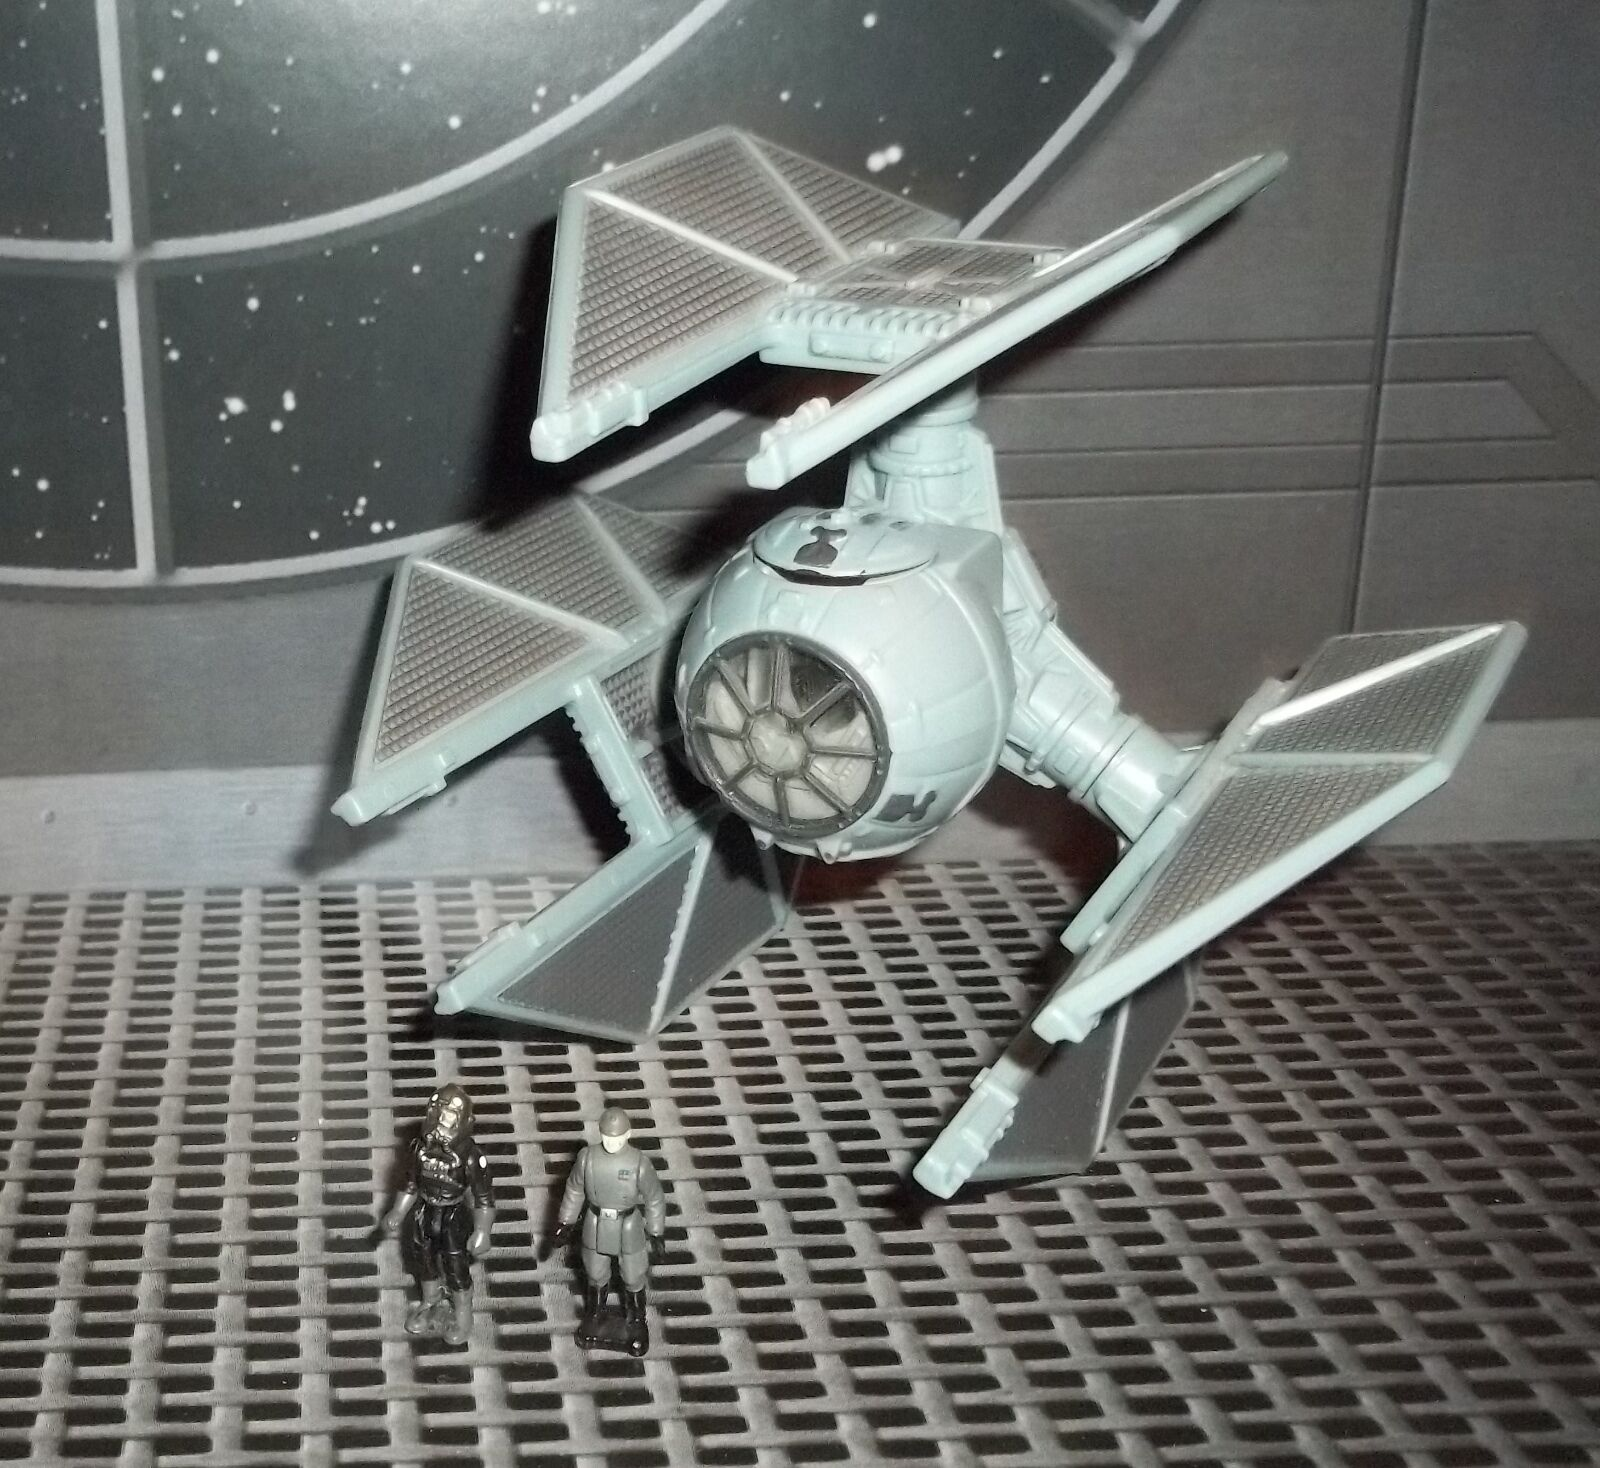 Flota de acción de la guerra de las galaxias serie W Moff Jerjerrod imperiales TIE DEFENDER & Tie piloto